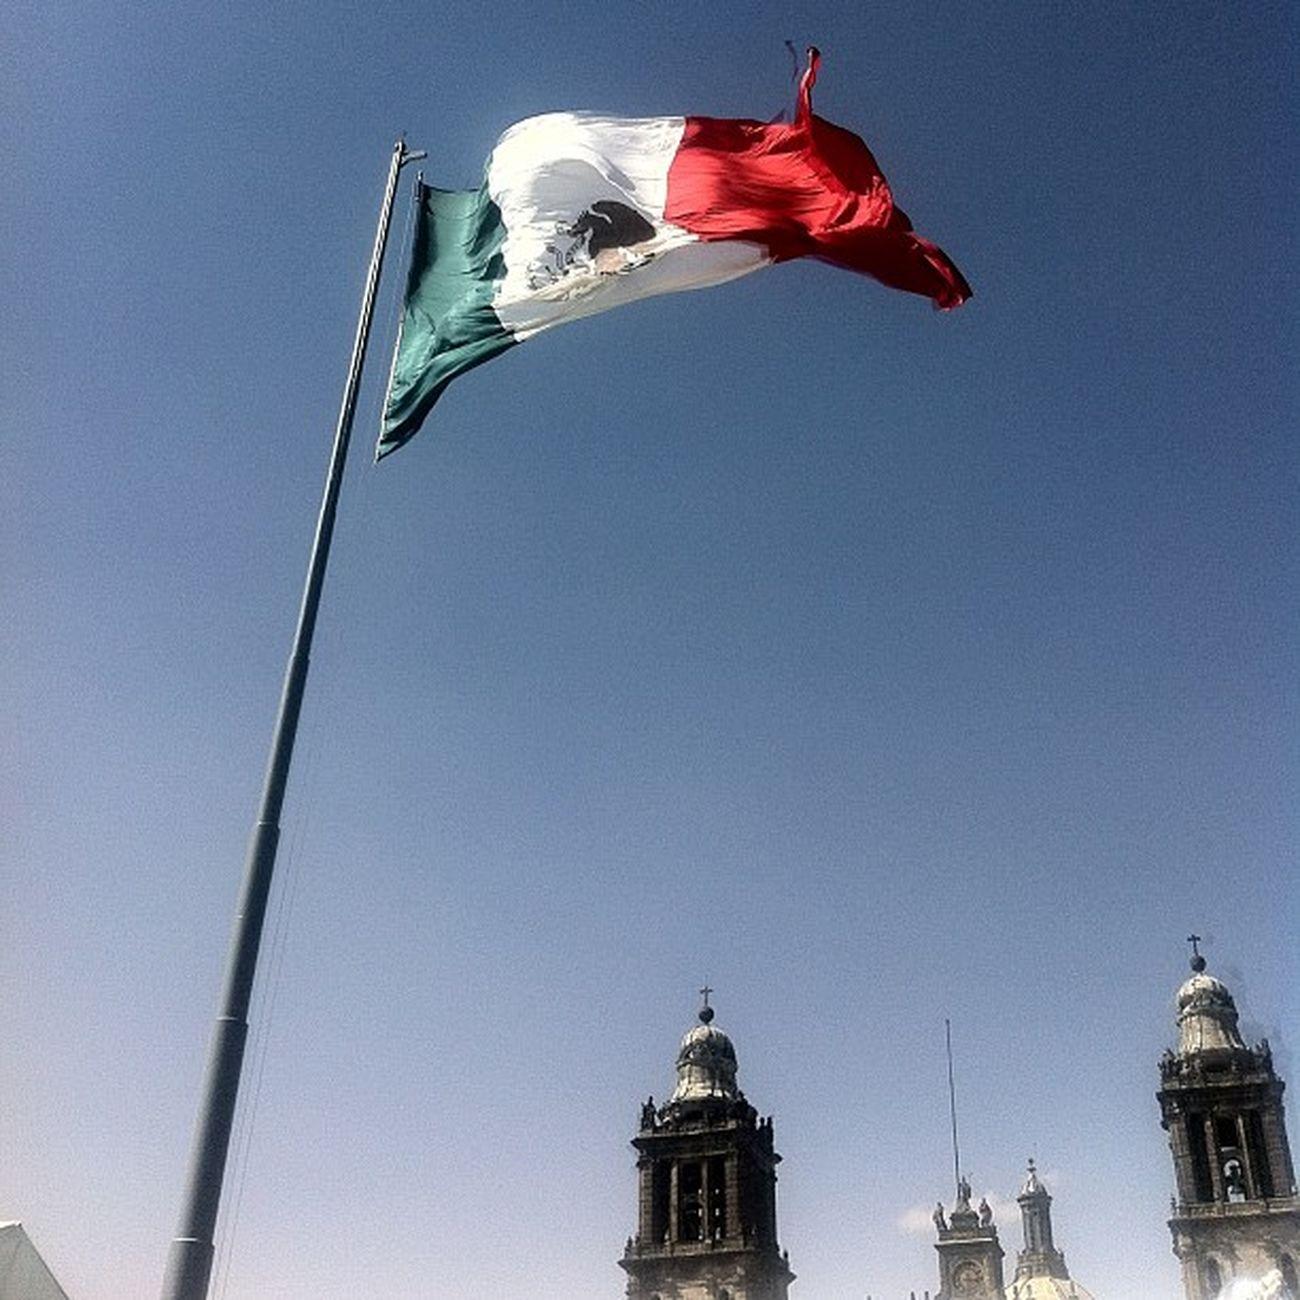 Antes de Los maestros Cnte Mexico Mex Verde blanco rojo zocalo df iglesia church